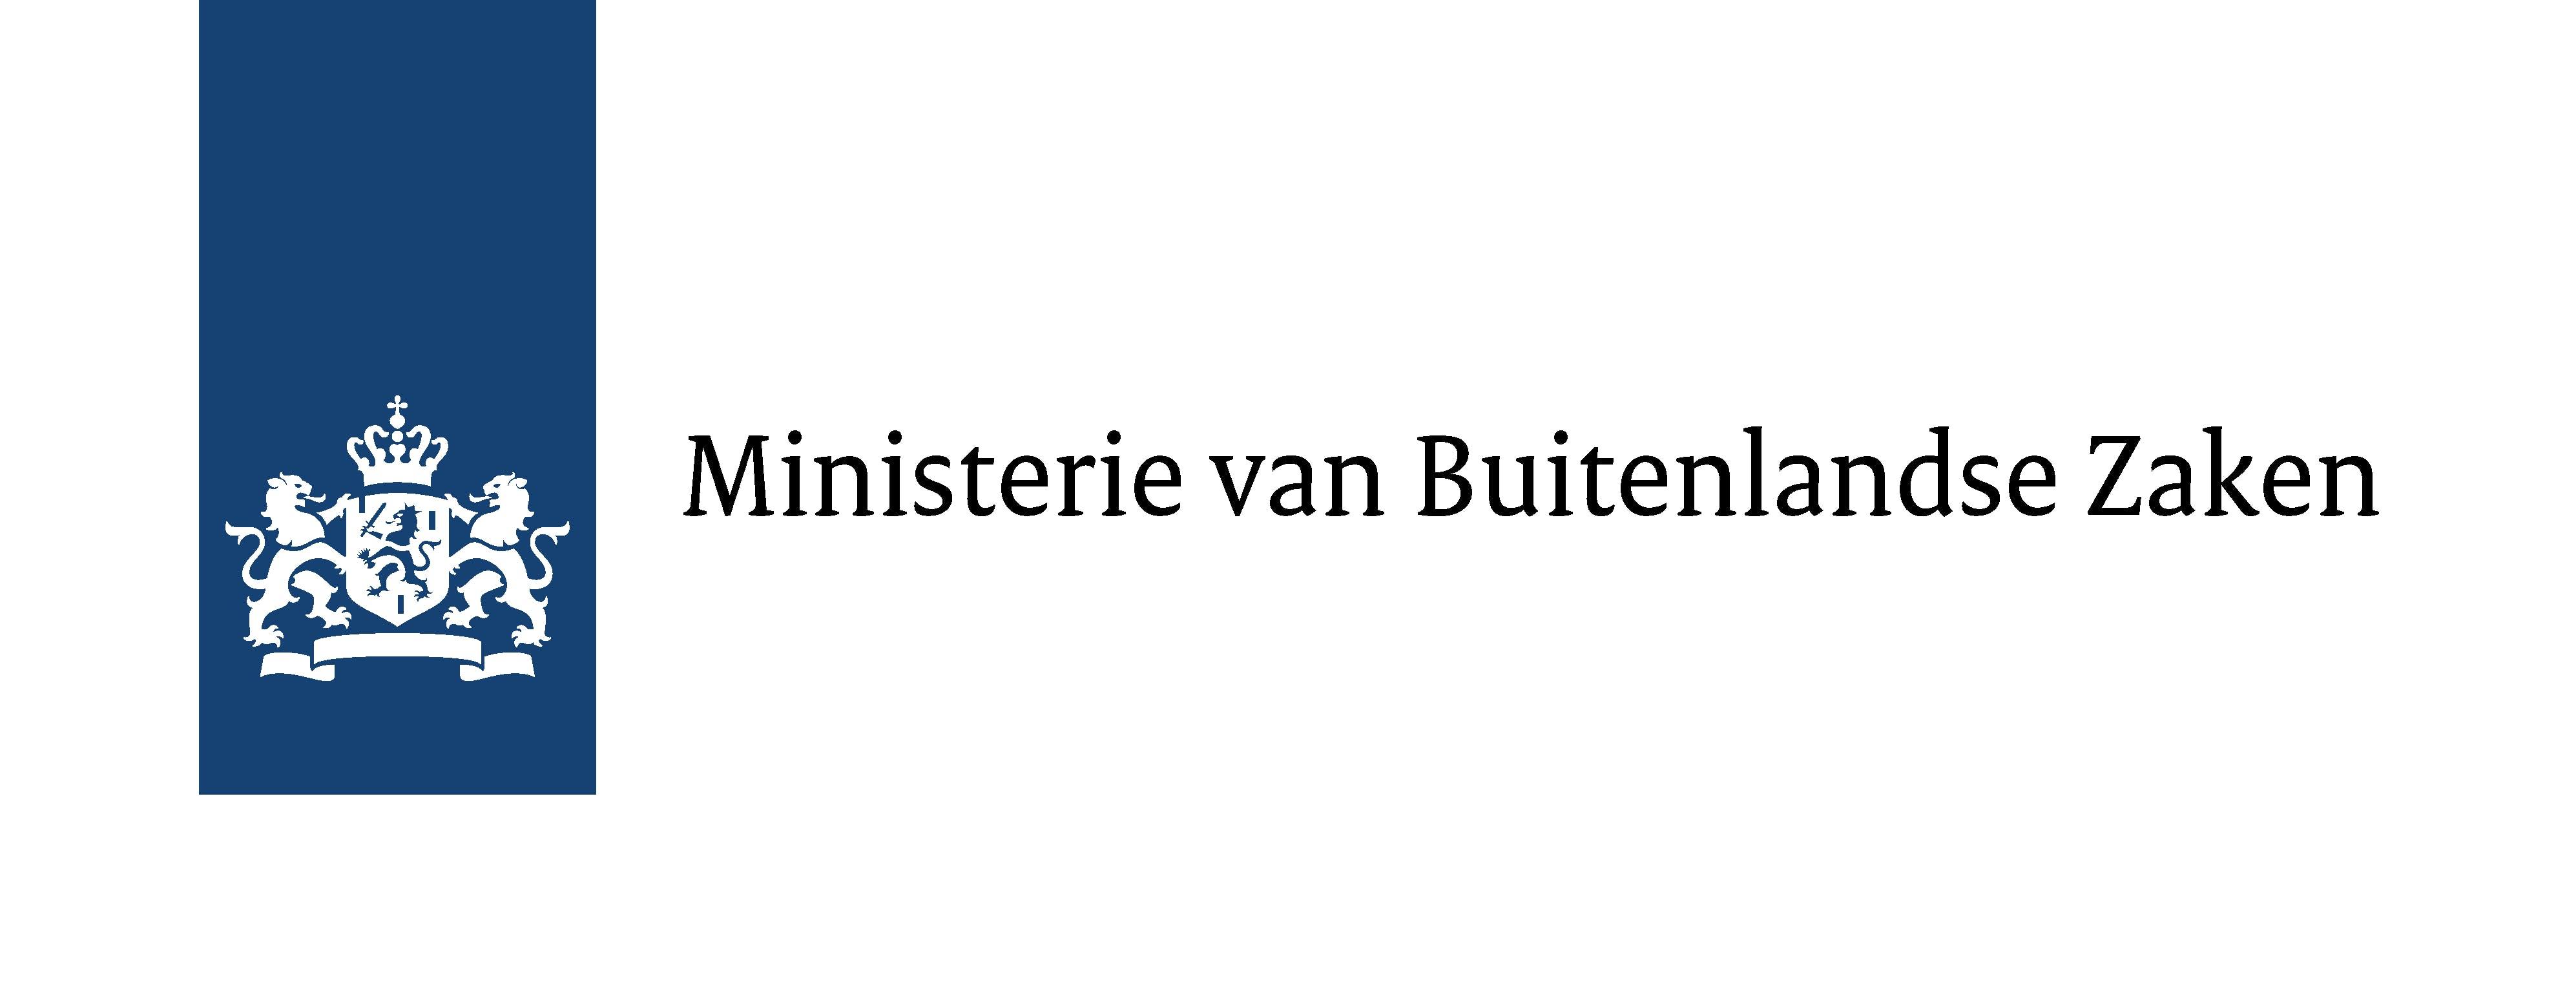 Ministerie van Buitenlandse Zaken logo